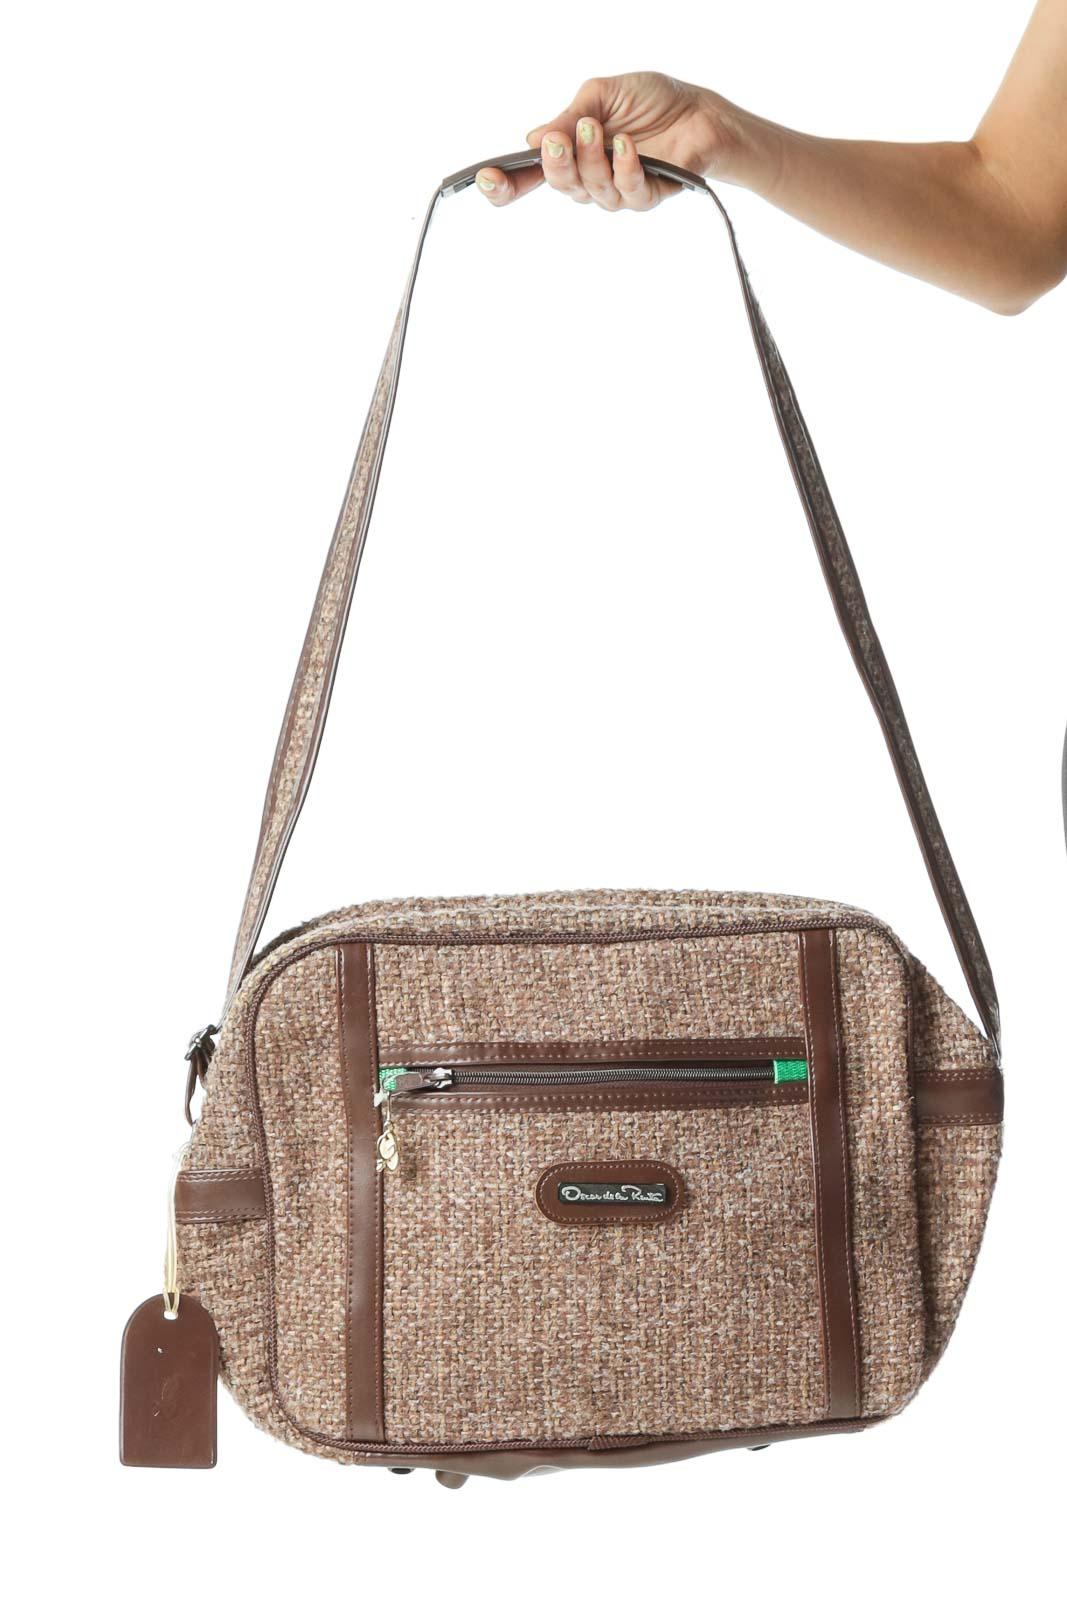 Brown Vintage Tweed Travel Shoulder Bag Front